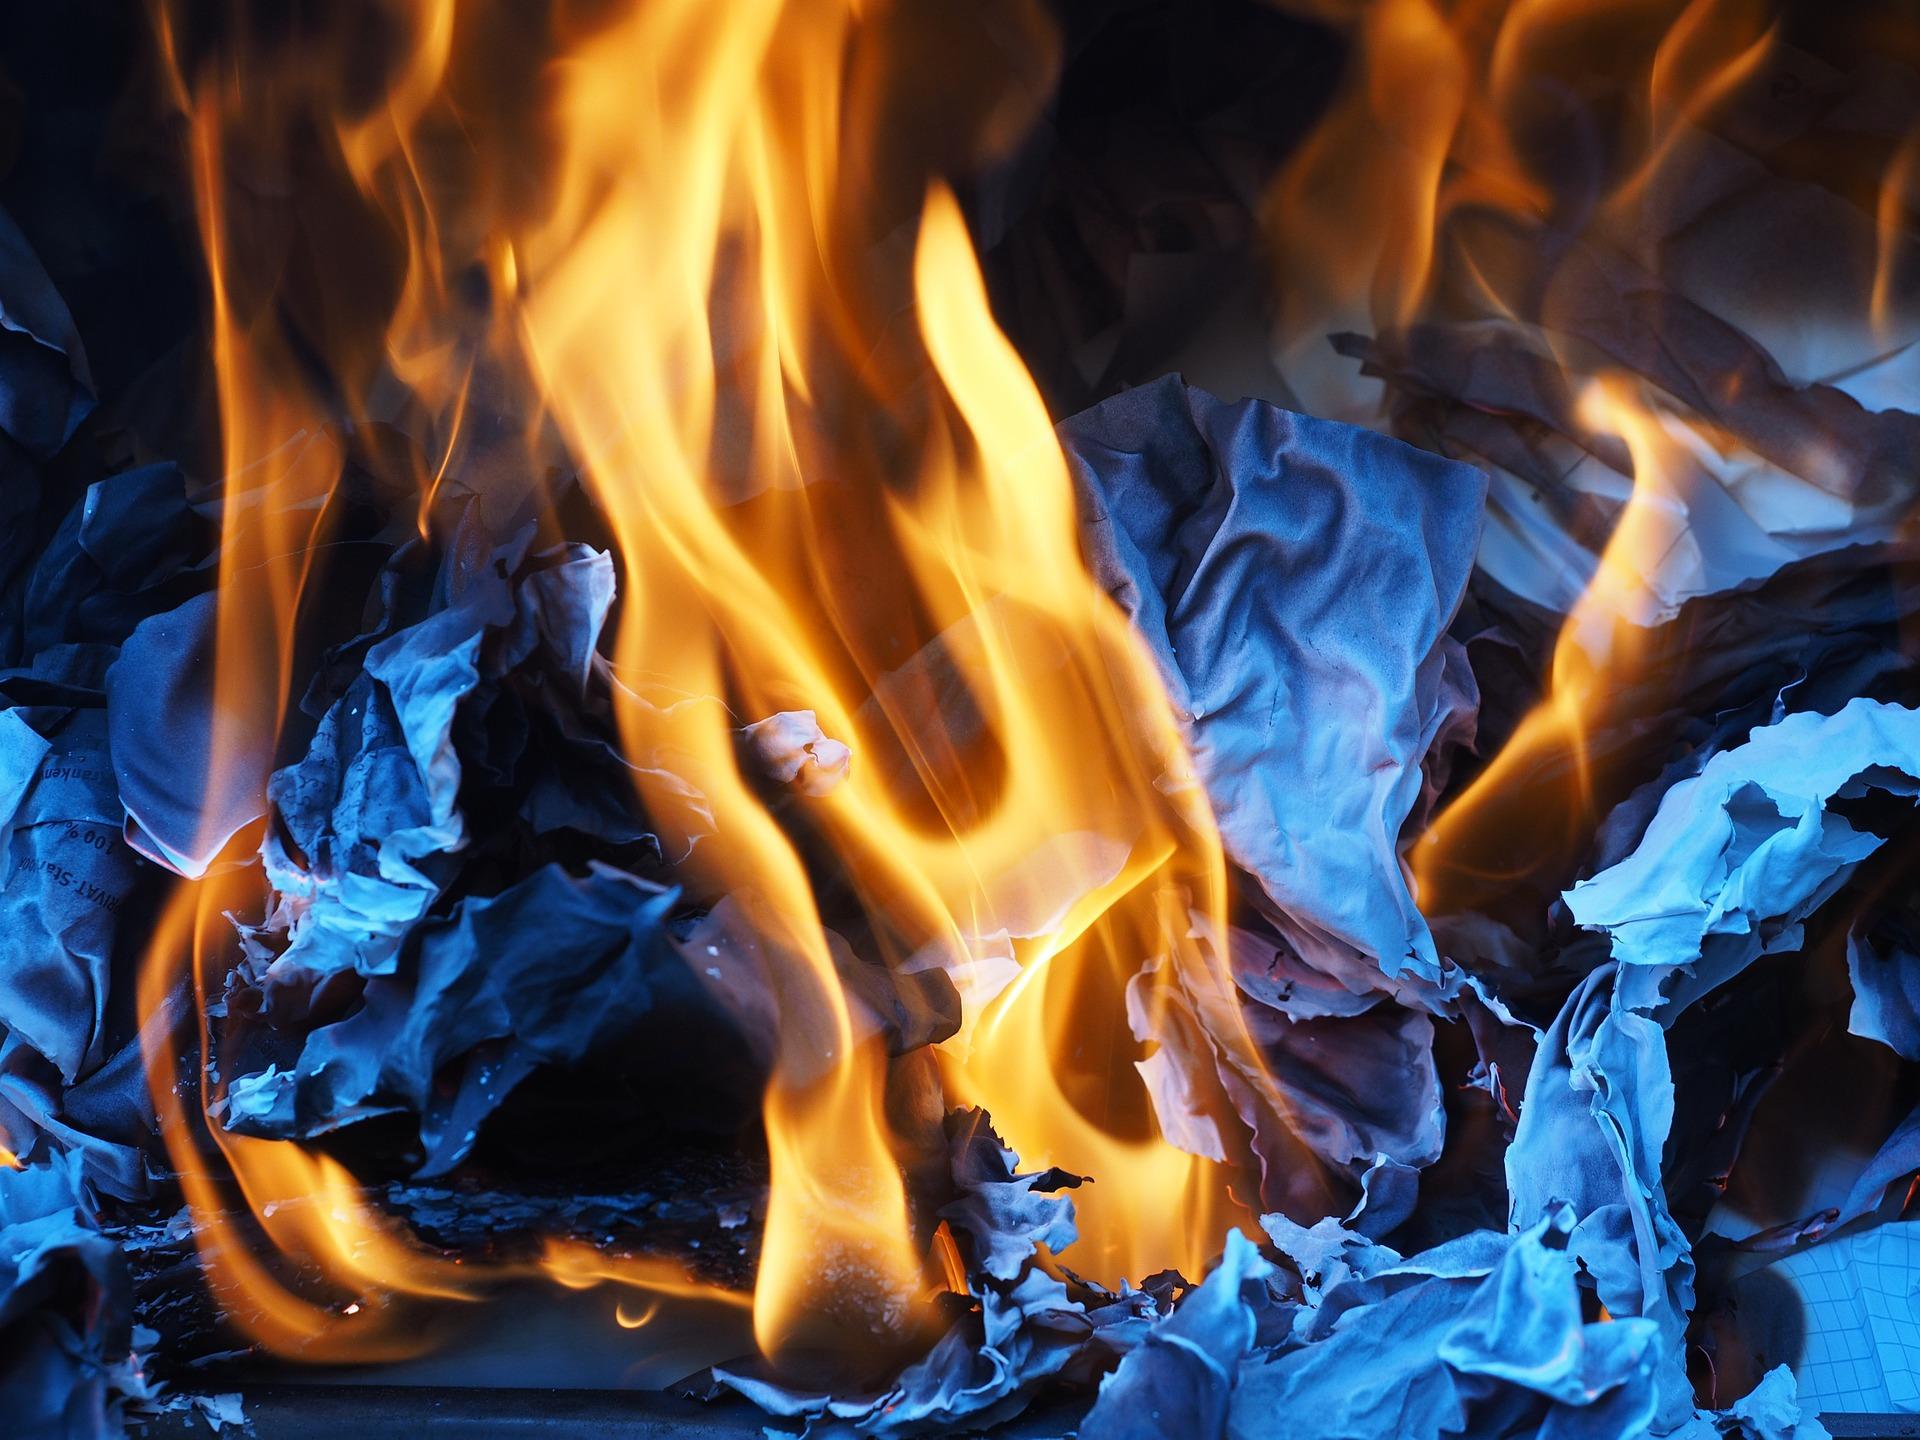 清除不合理的靈魂契約,燃燒掉信念限制性的框架